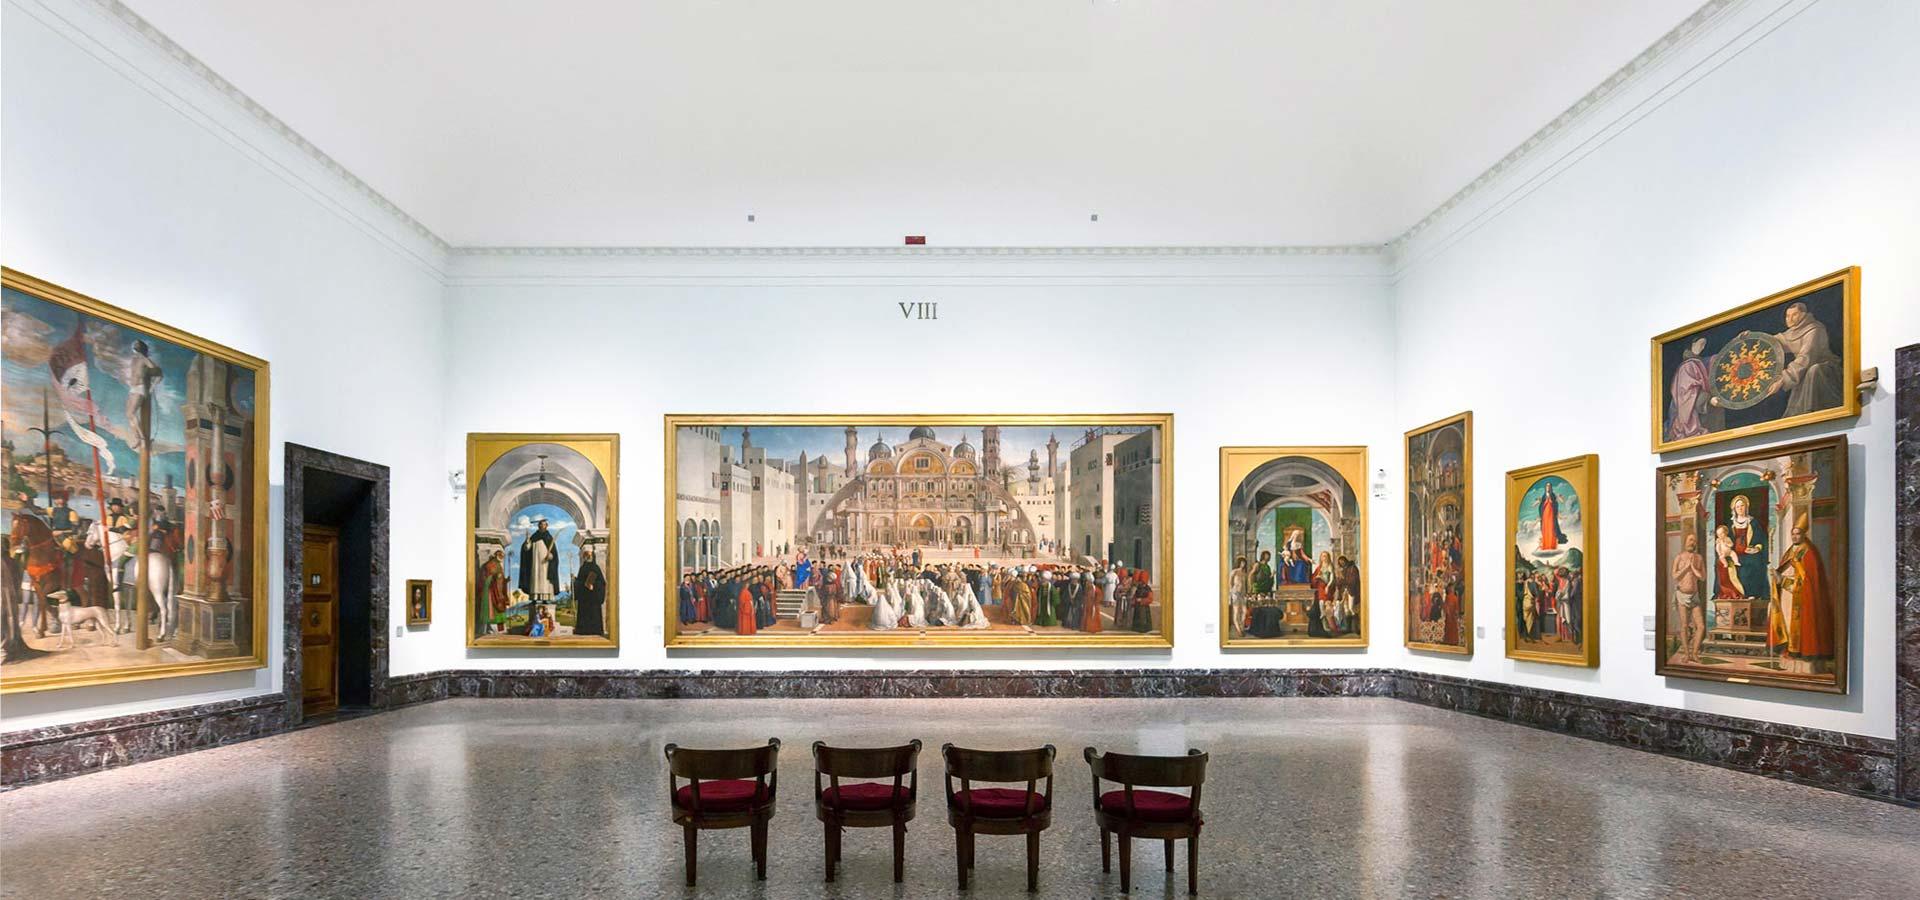 Una delle sale della Pinacoteca di Brera di Milano